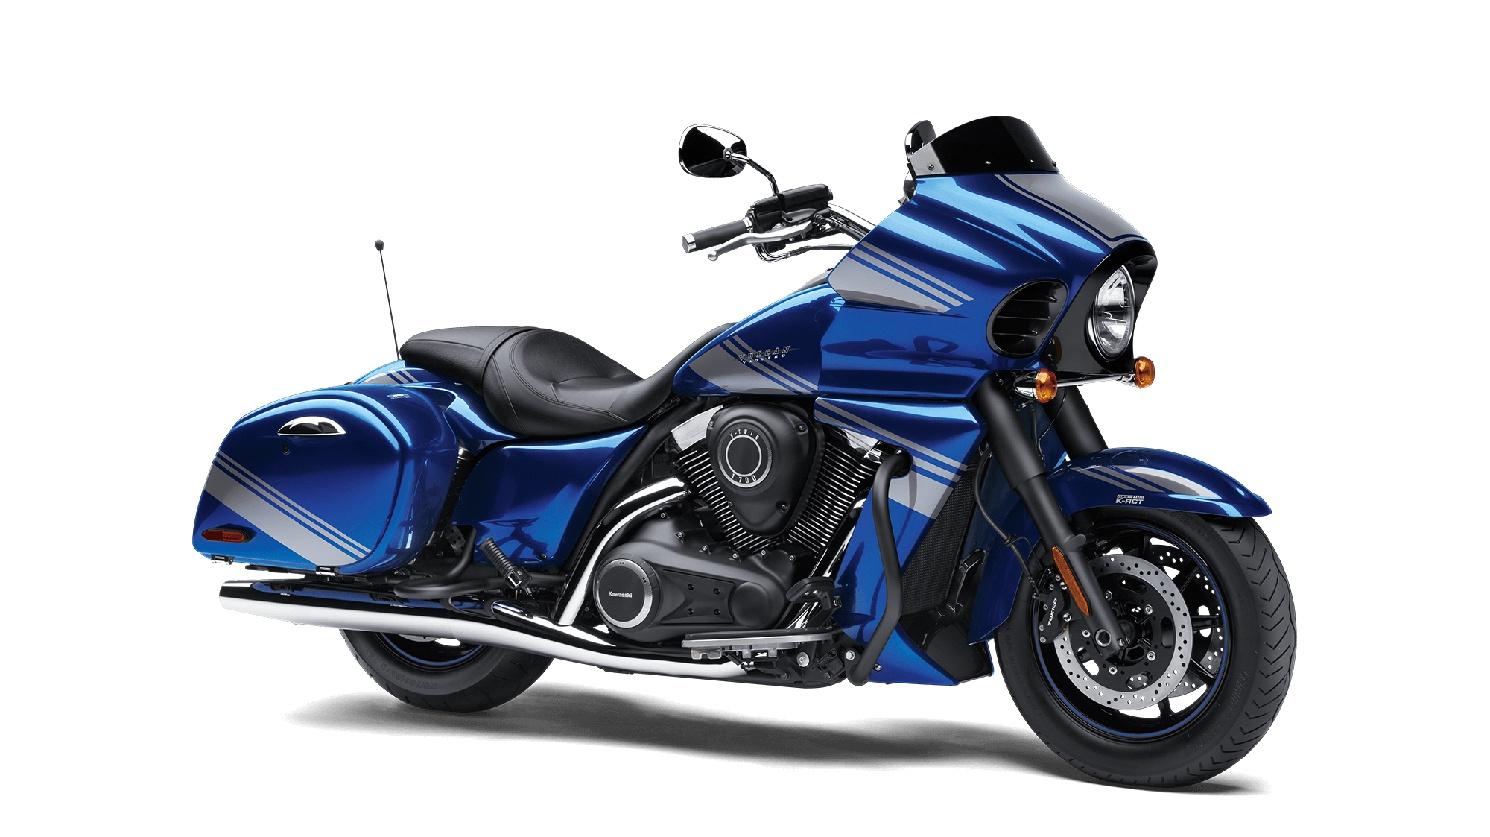 2020 Kawasaki VULCAN 1700 VAQUERO ABS Candy Imperial Blue